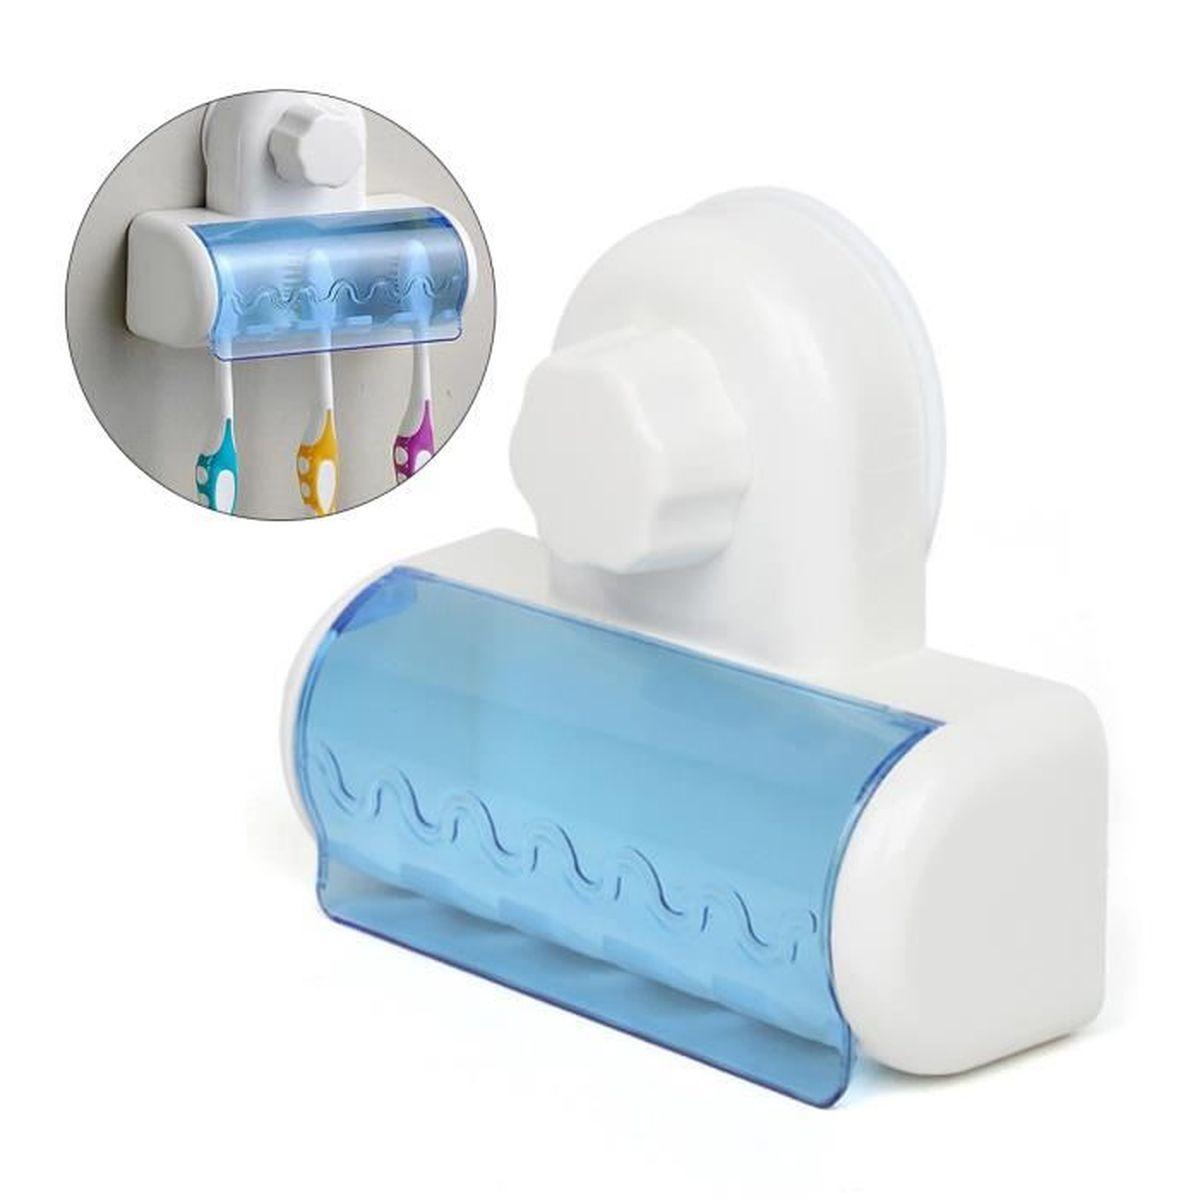 BROSSE A DENTS PULSEUR 5 racks d'aspiration Porte-brosse à dents anti-pou